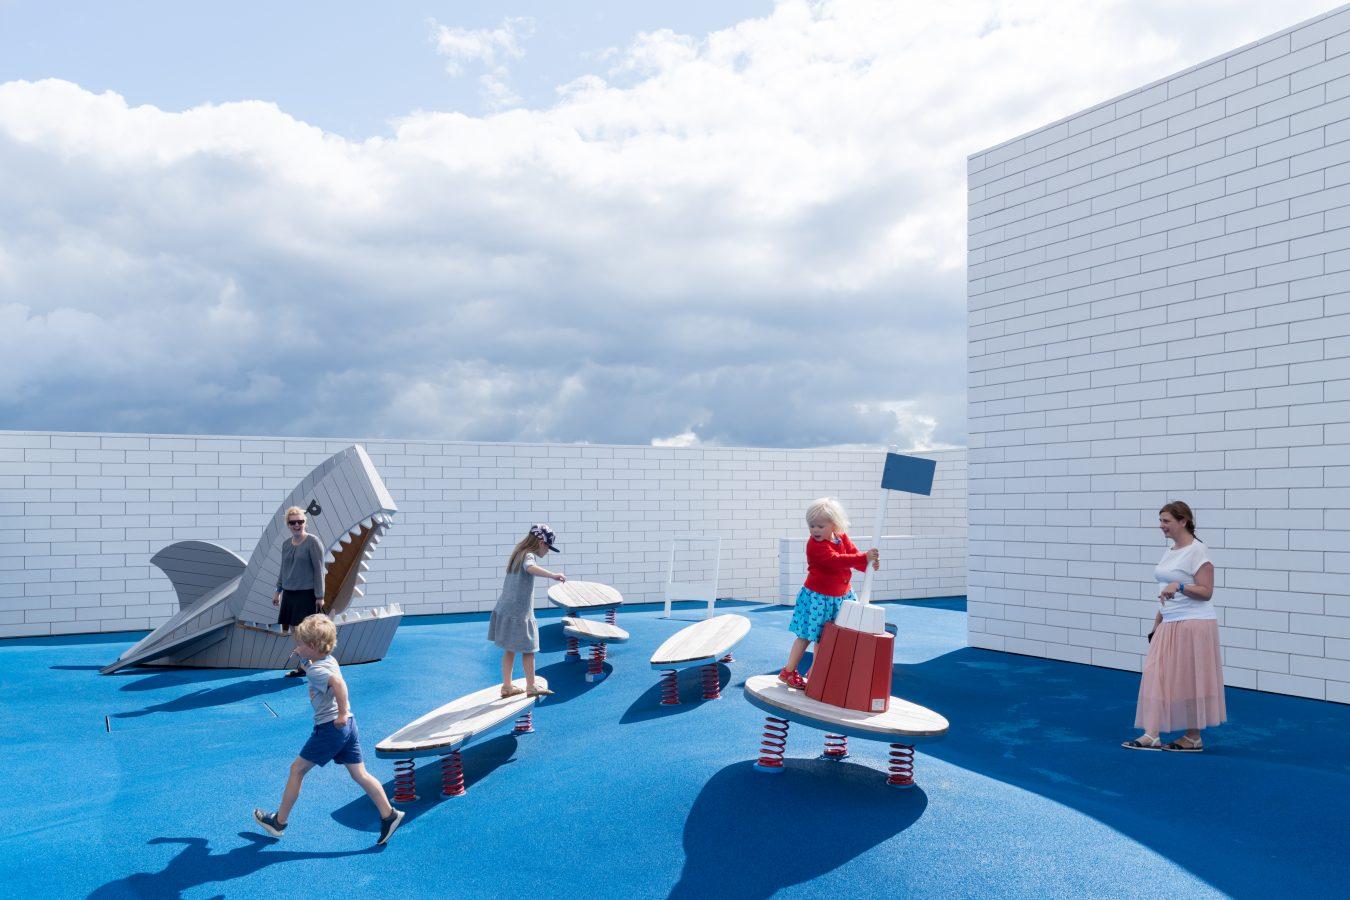 terrazas equipadas con diferentes juegos para los niños